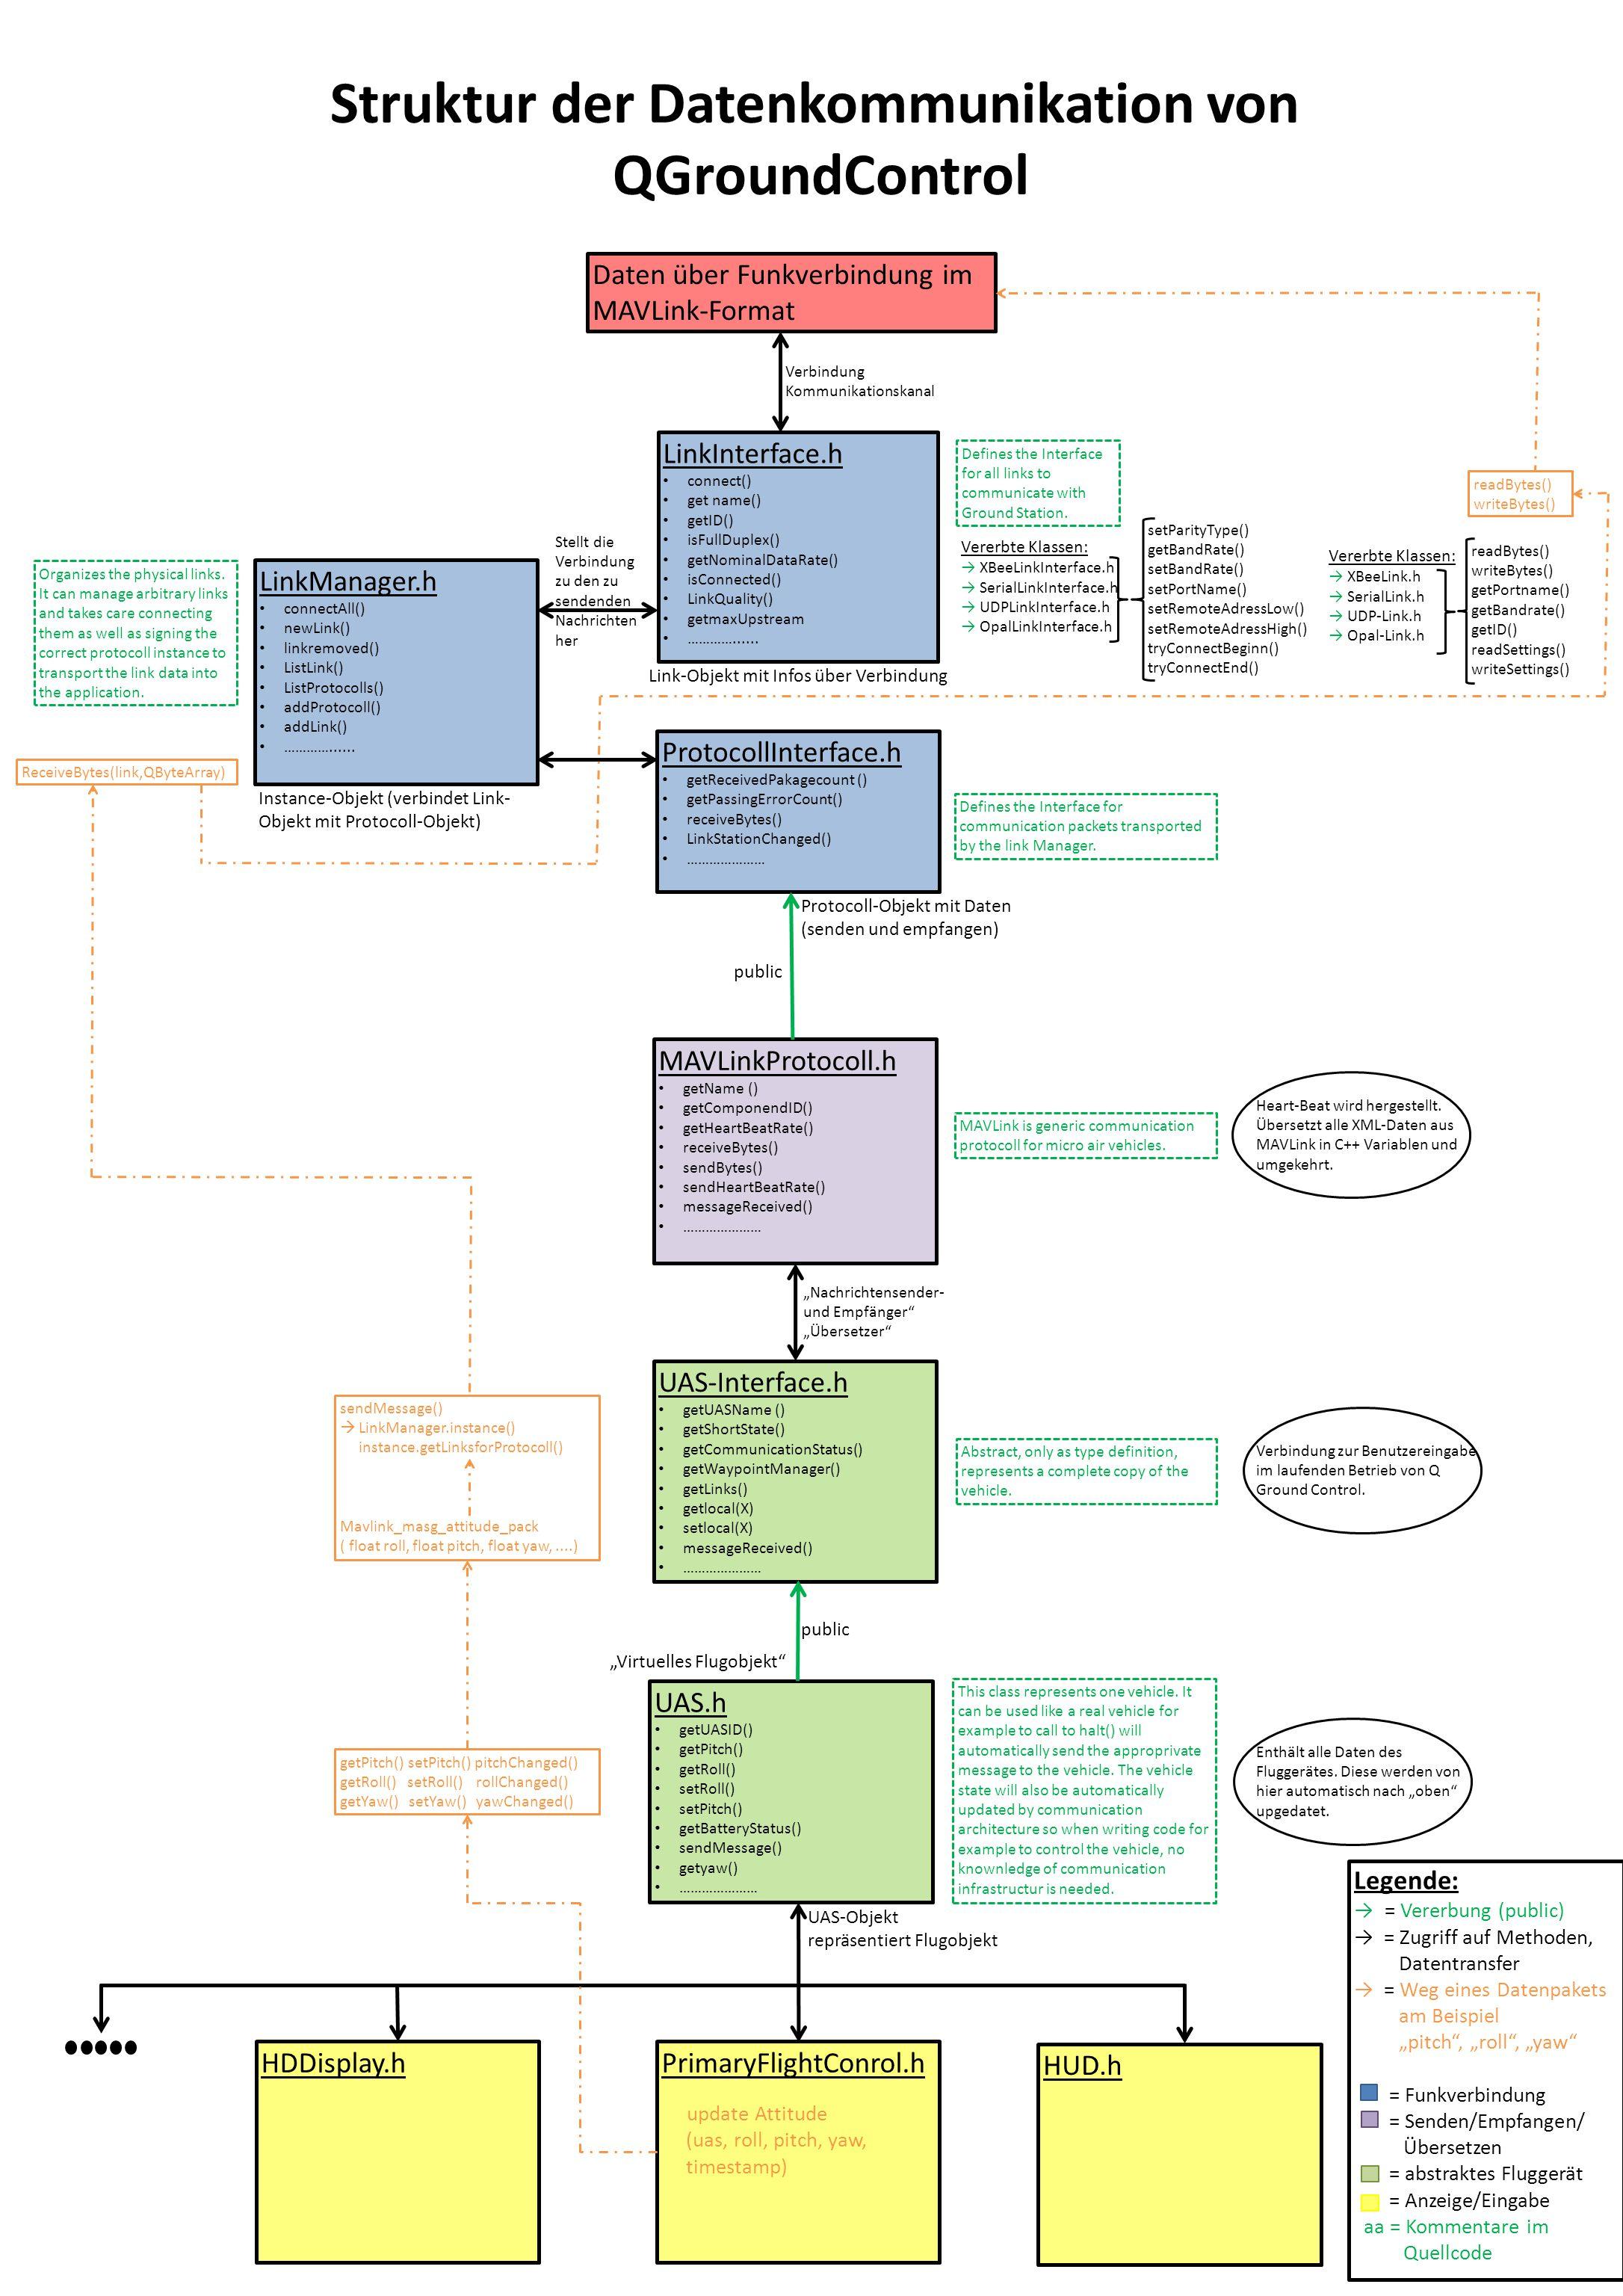 Struktur der Datenkommunikation von